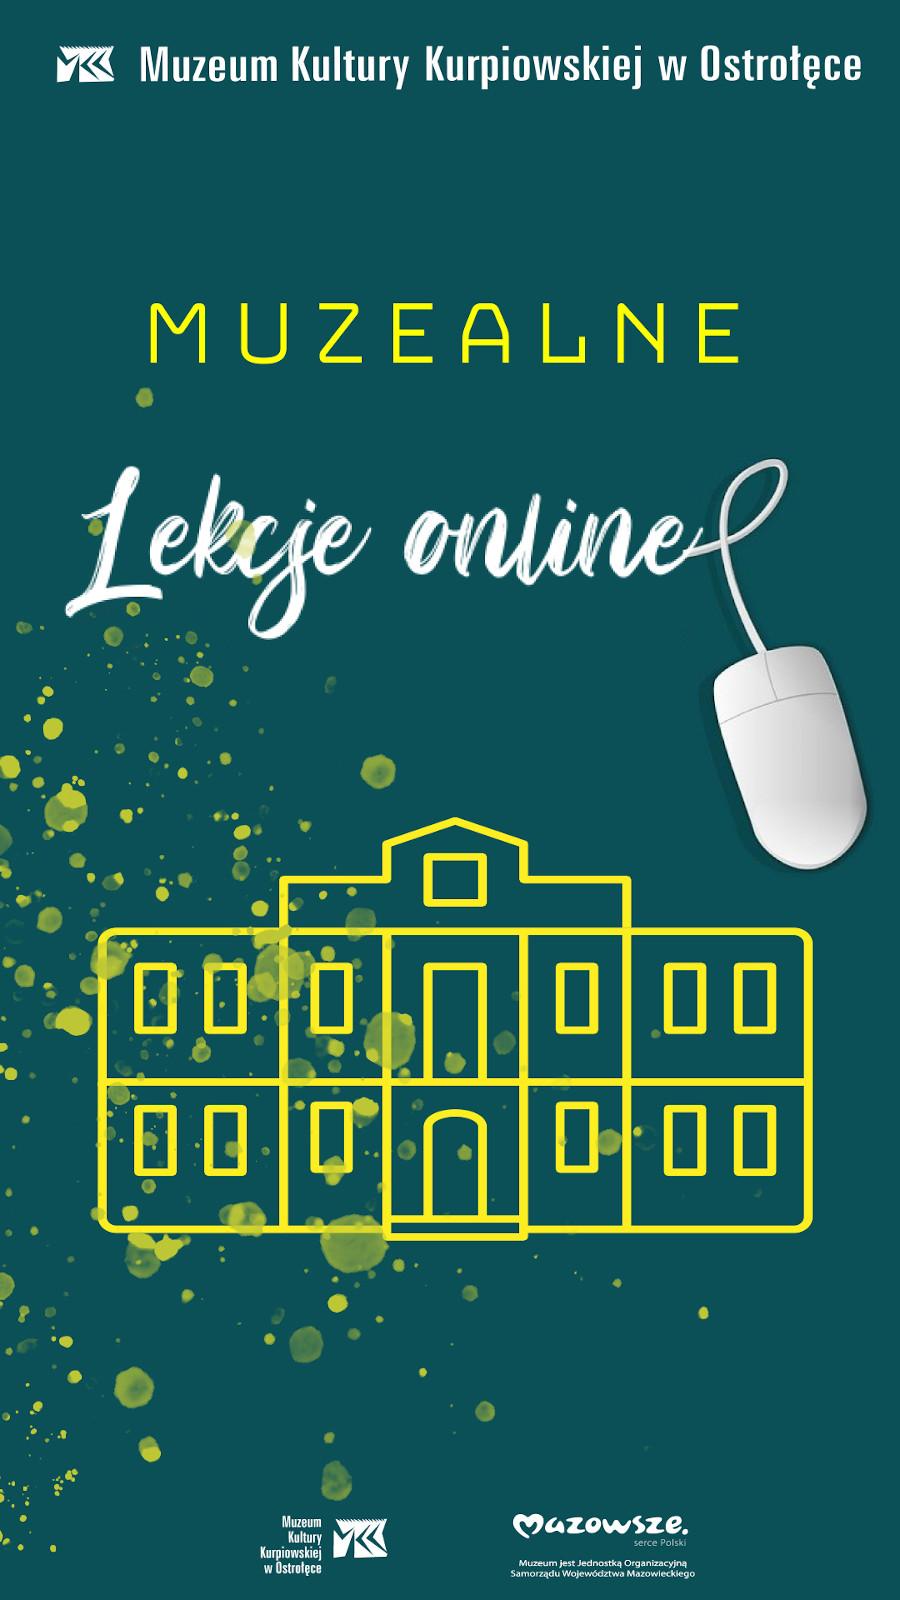 Lekcje online w Muzeum Kultury Kurpiowskiej